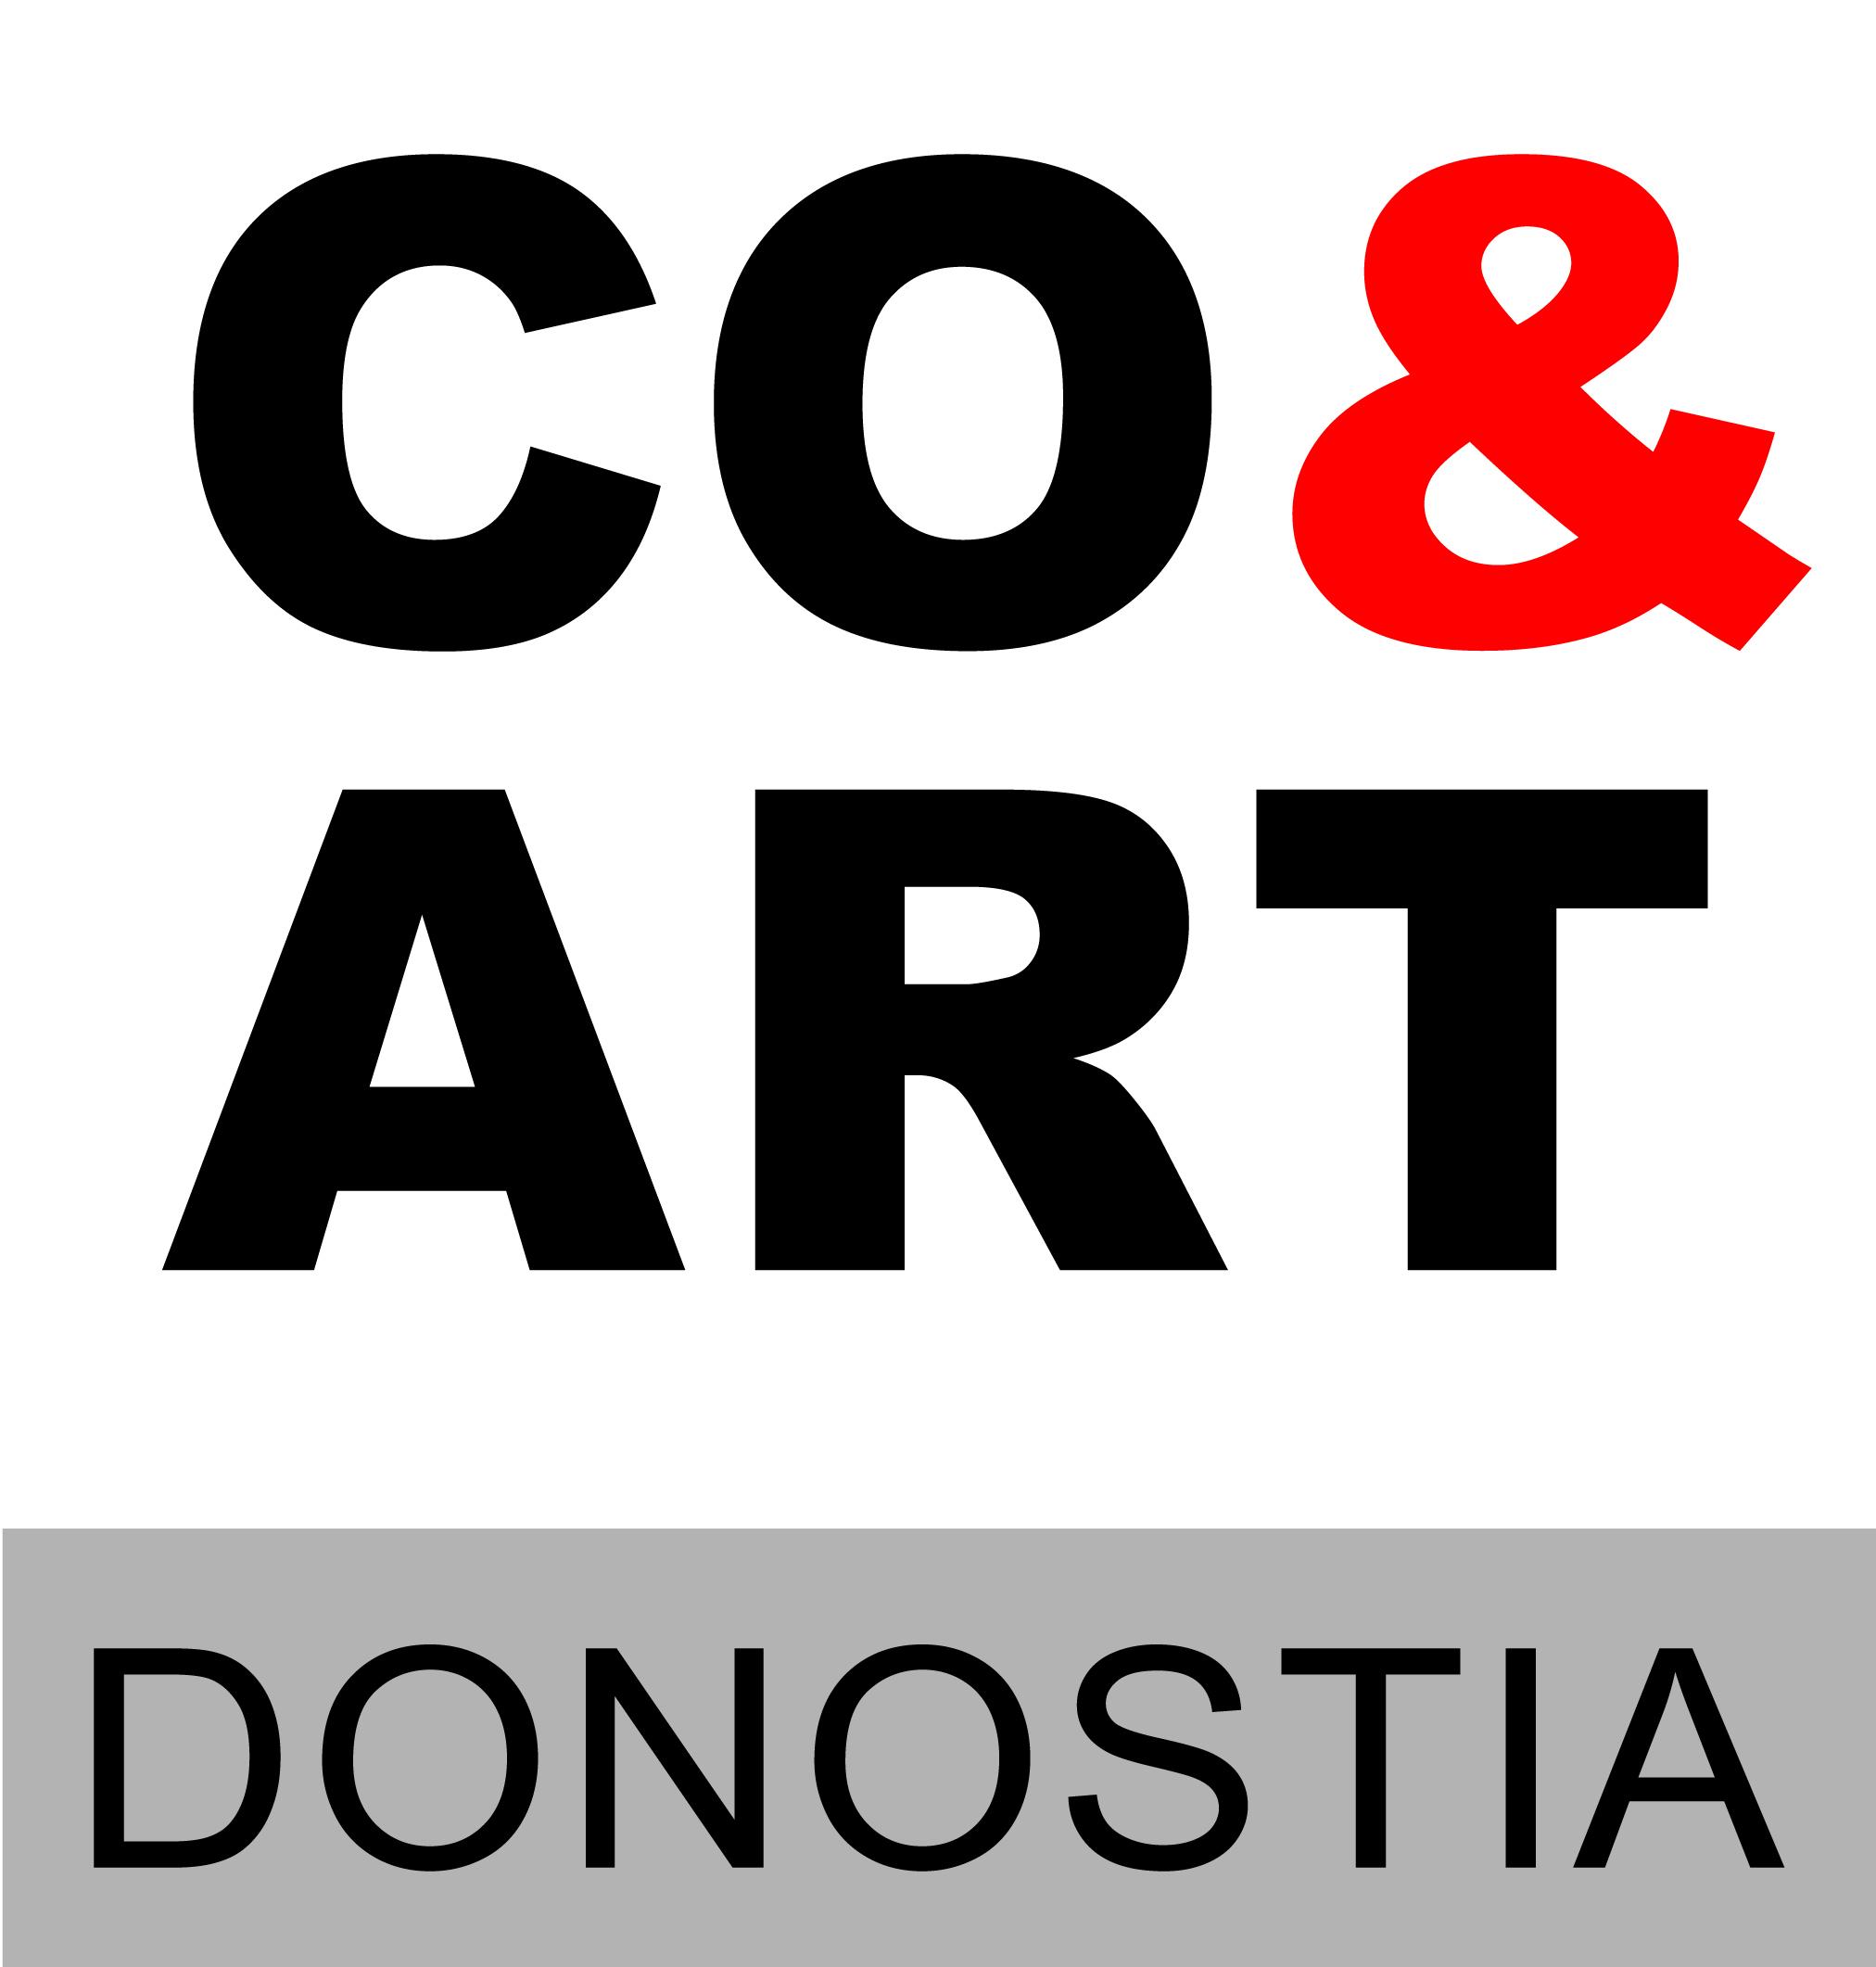 Co&Art Donostia